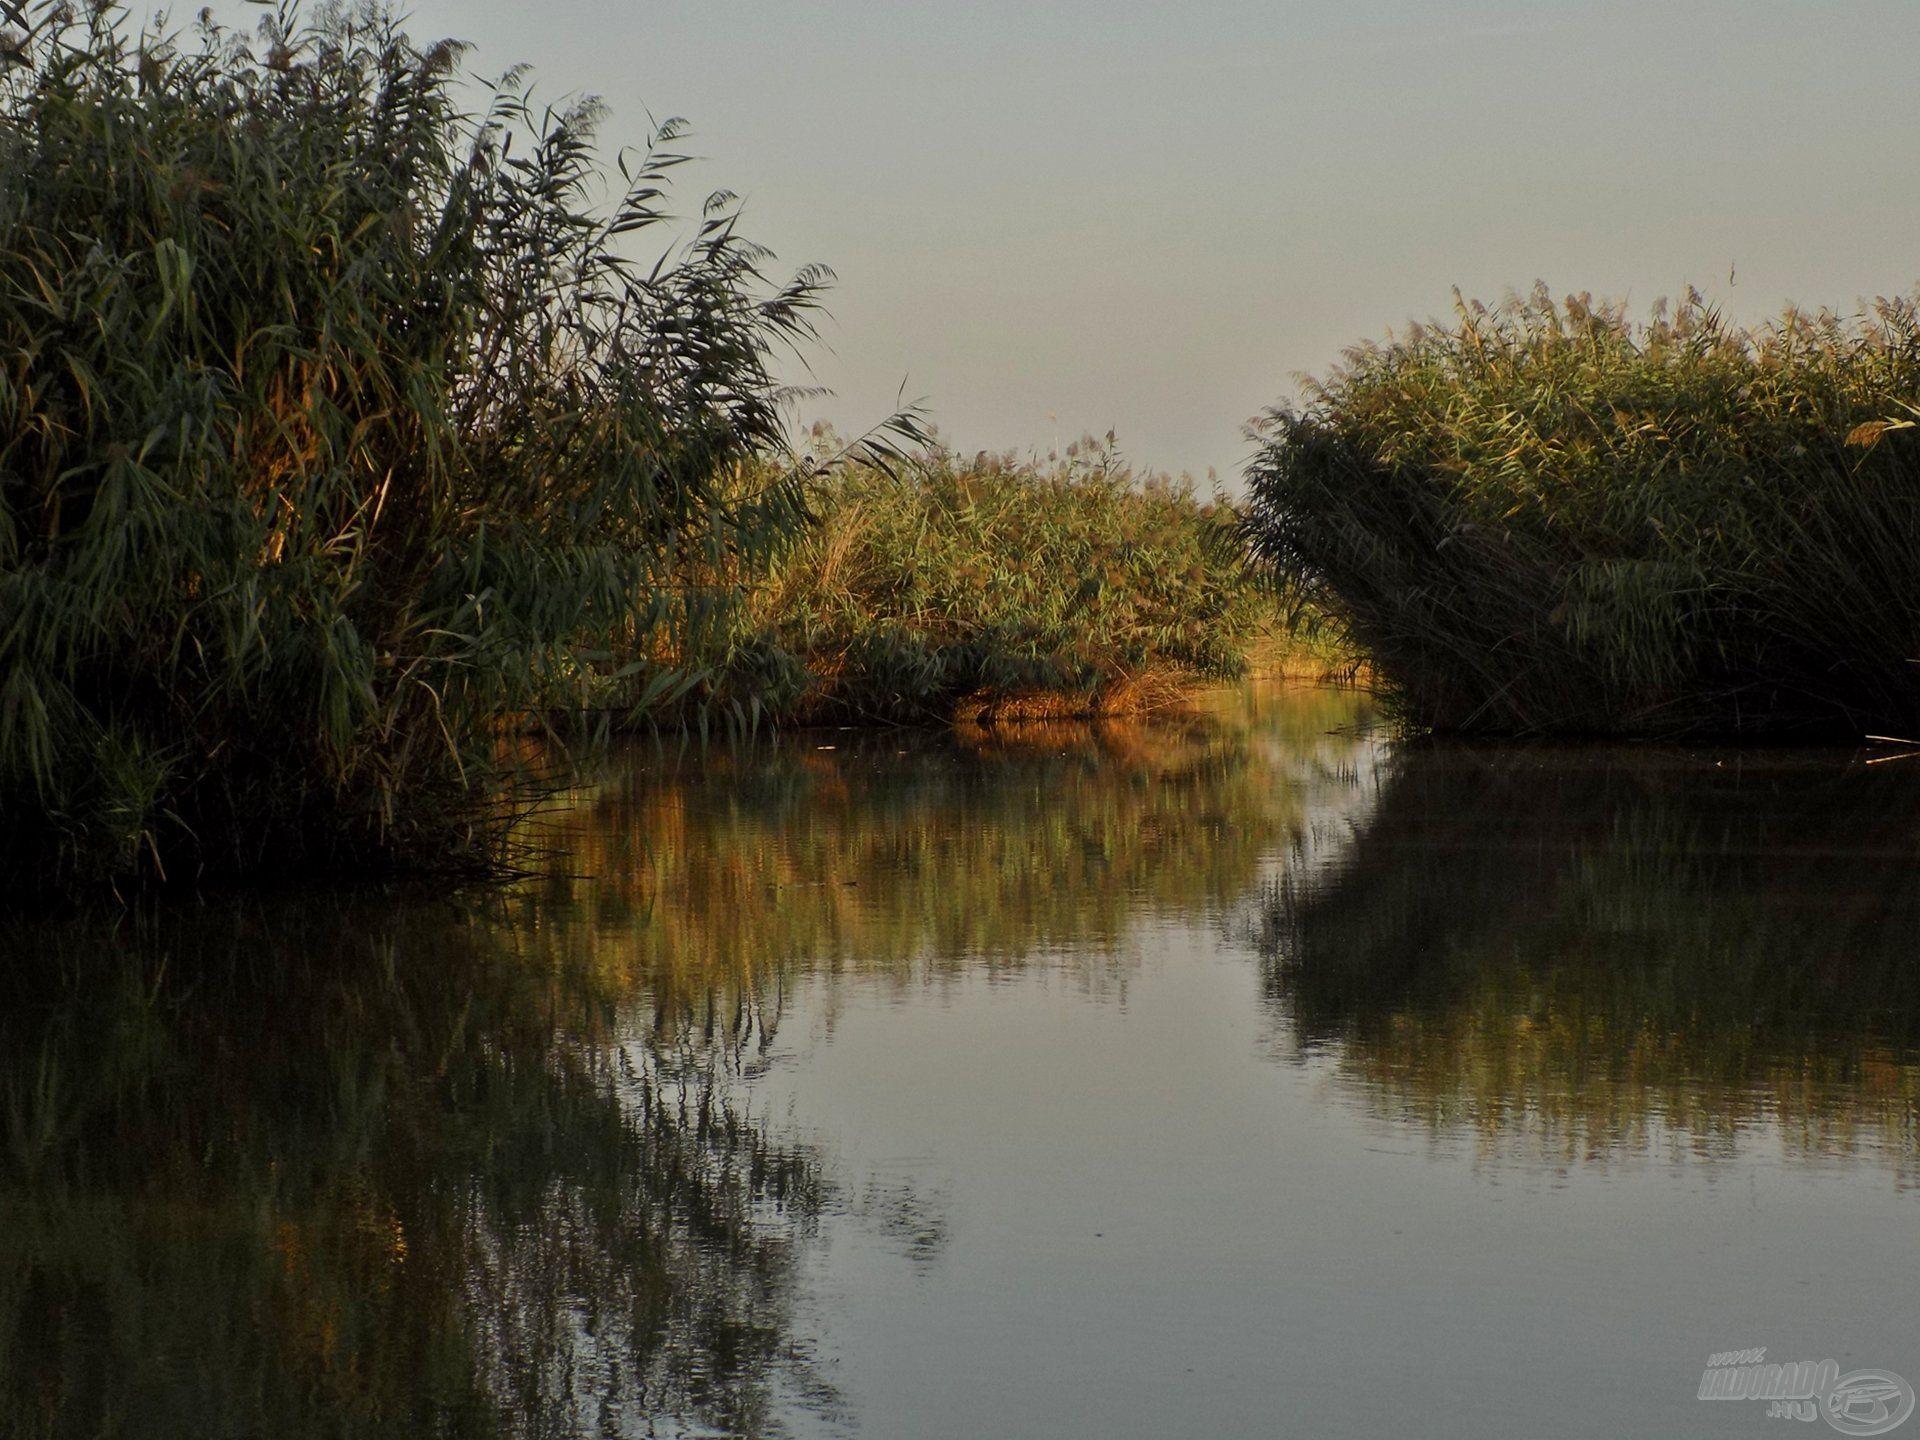 A Verseny-tó 2,6 hektáros vízterület, amely telis-tele van nádszigetekkel. Ez már önmagában, látványra is vadregényessé teszi a tavat, ráadásul a nádszigetek közvetlen közelében szívesen tartózkodnak a pontyok, amurok